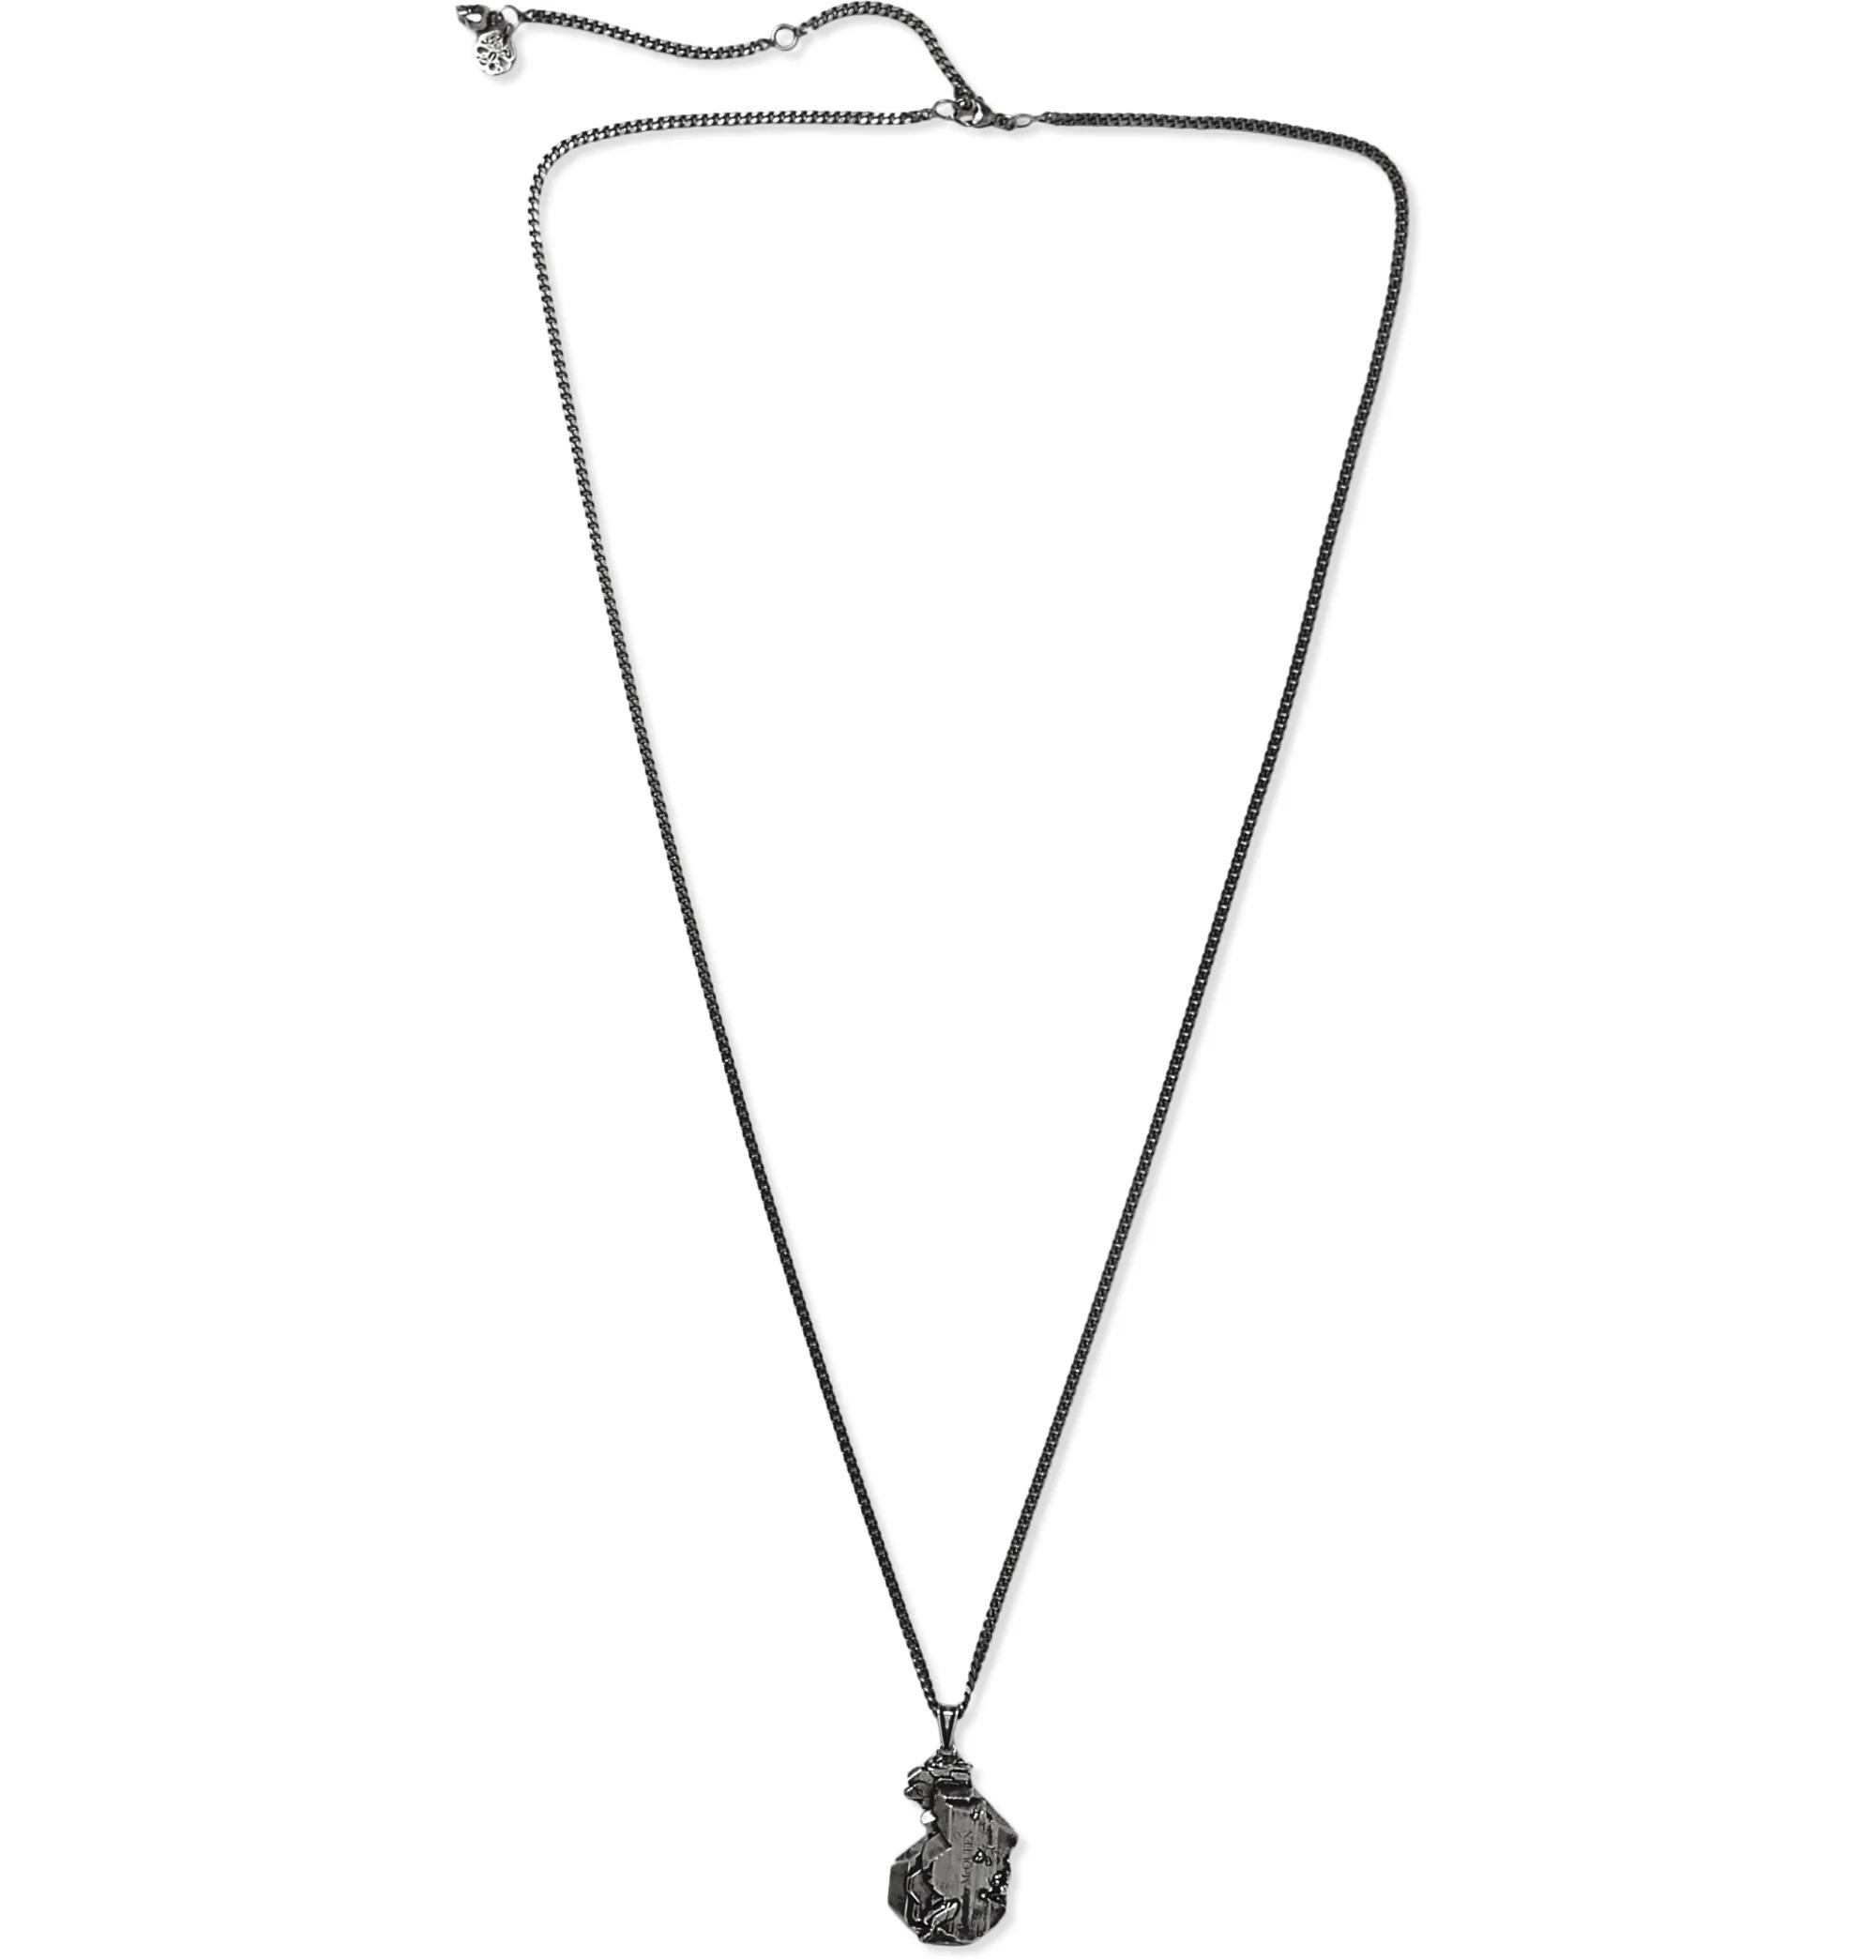 gunmetal necklace with unique pendant